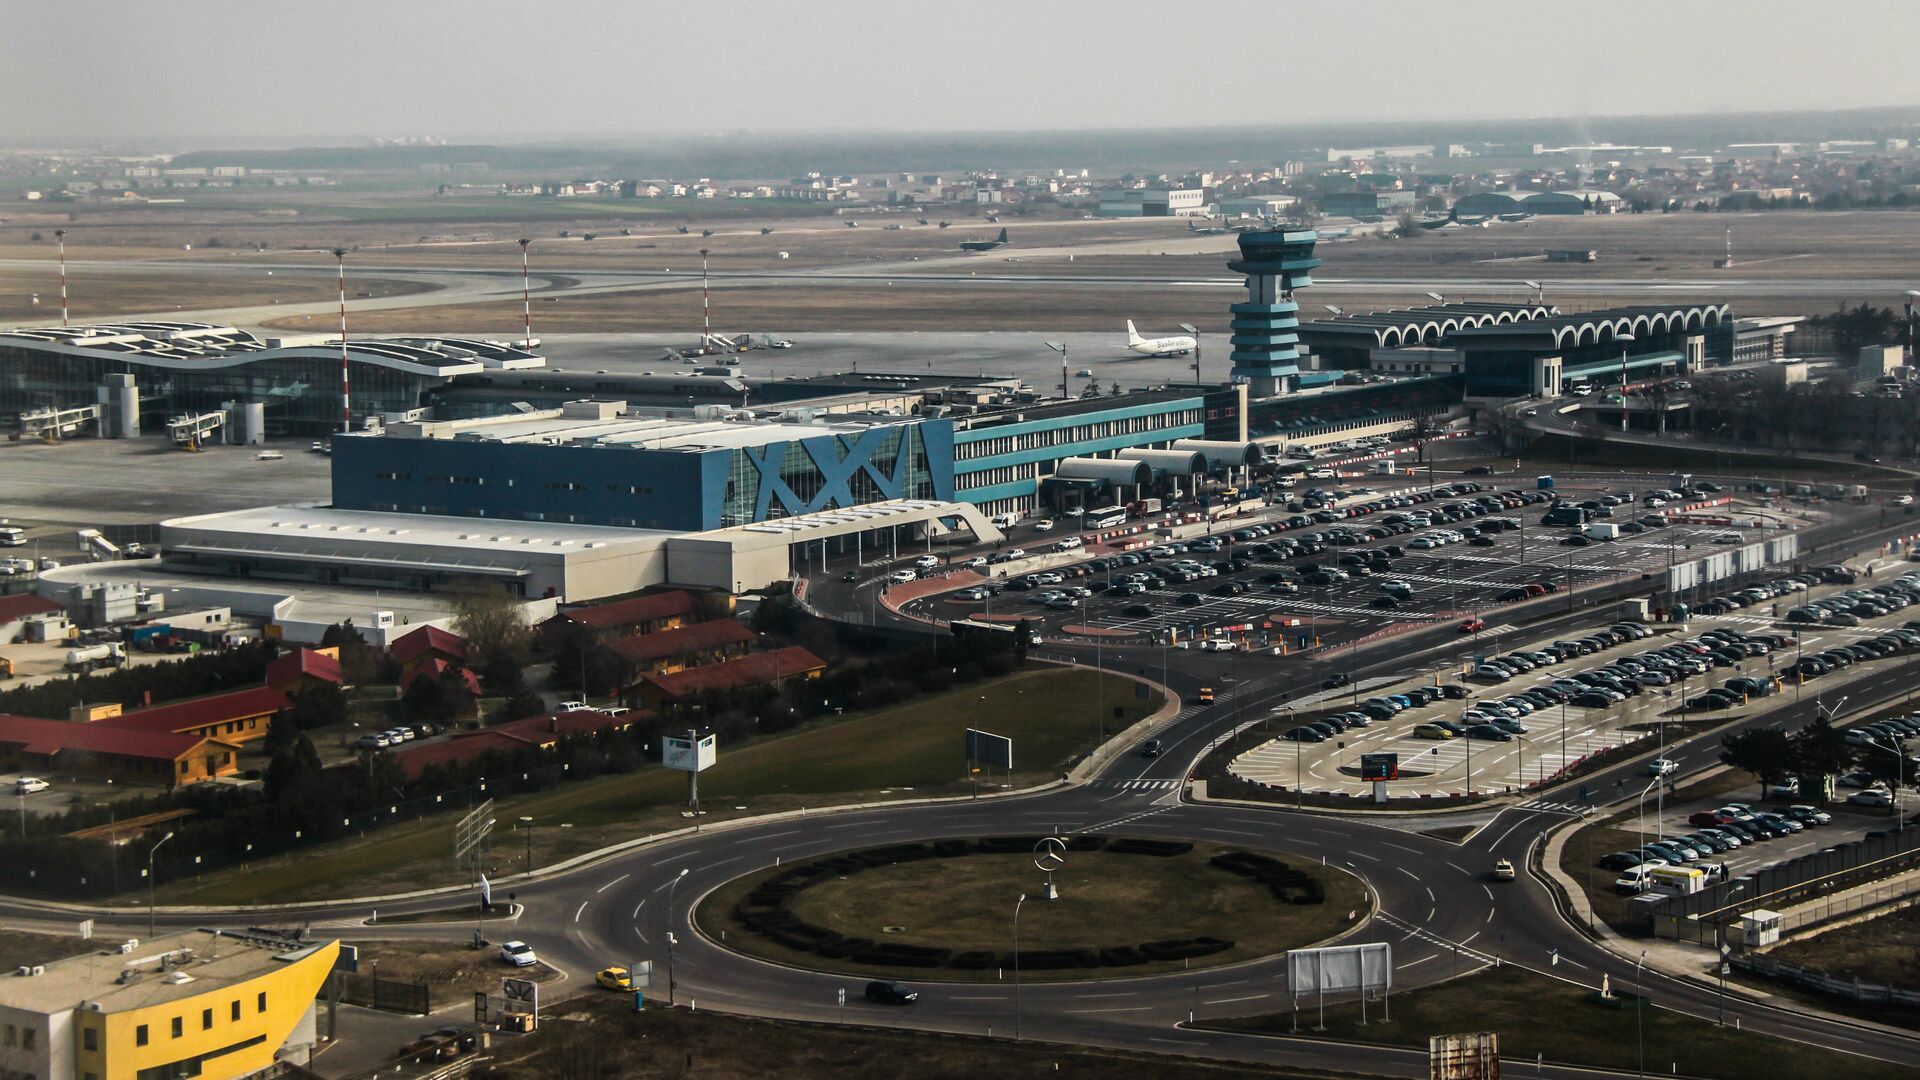 Международный аэропорт имени Анри Коанды в Бухаресте - РИА Новости, 1920, 20.08.2020